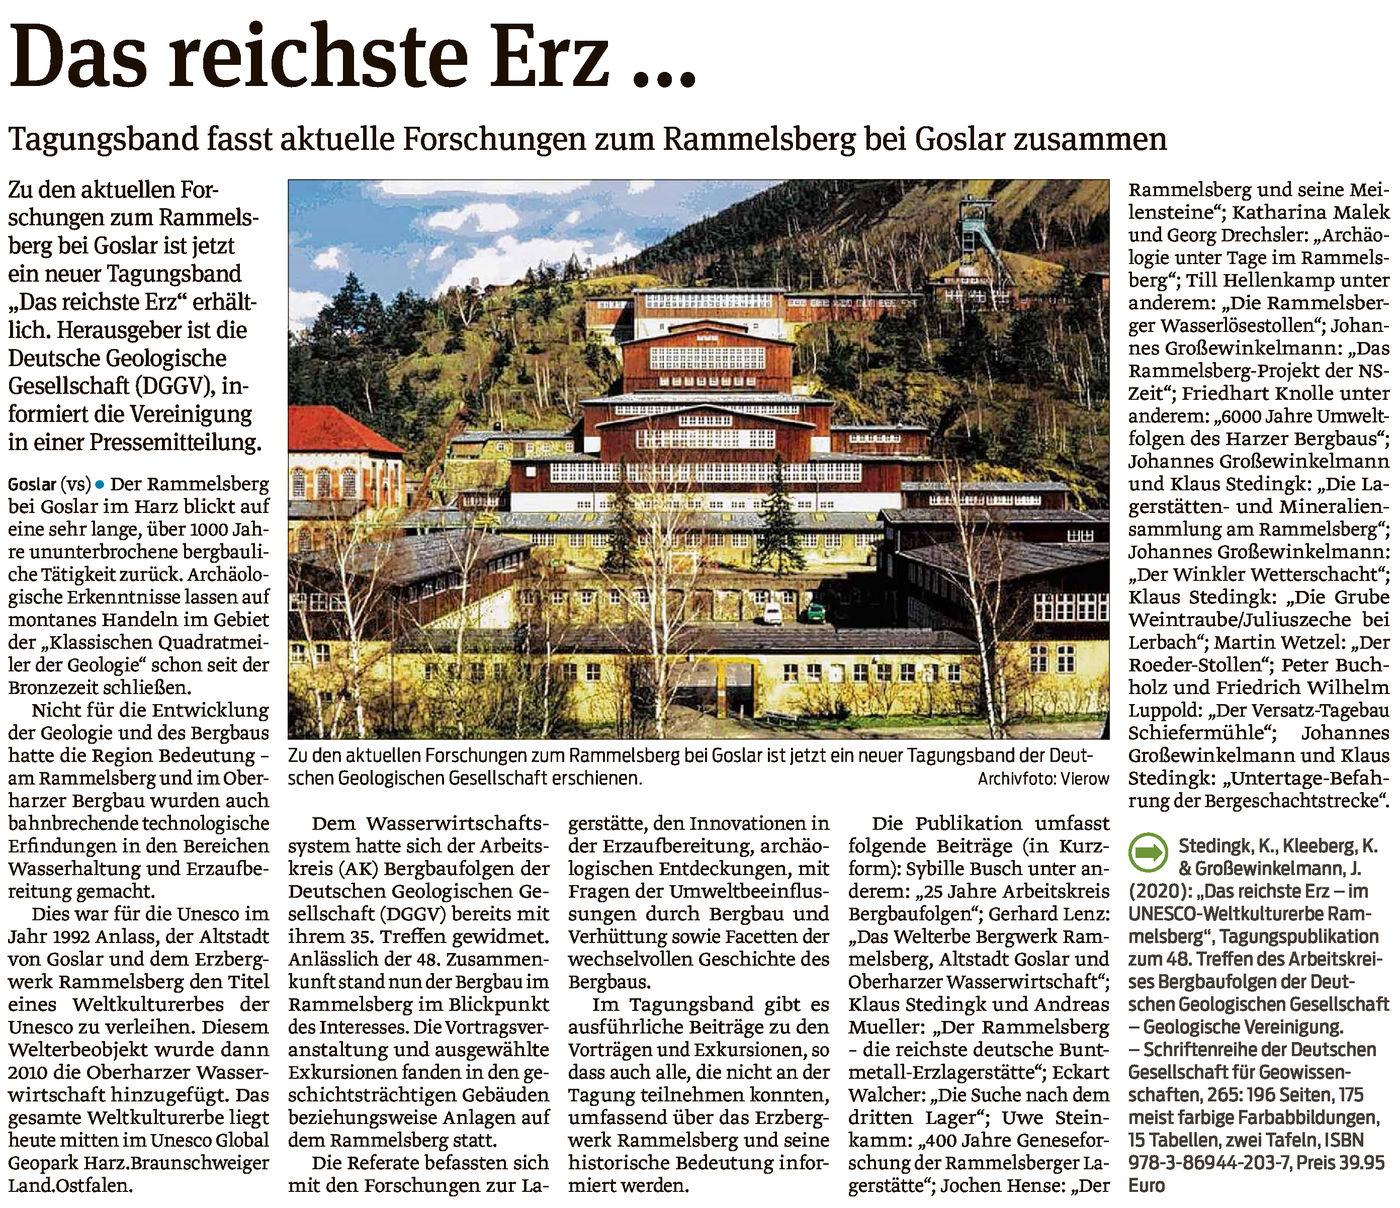 Zeitungsausschnitt der Harzer Volksstimme vom 27.10.2020